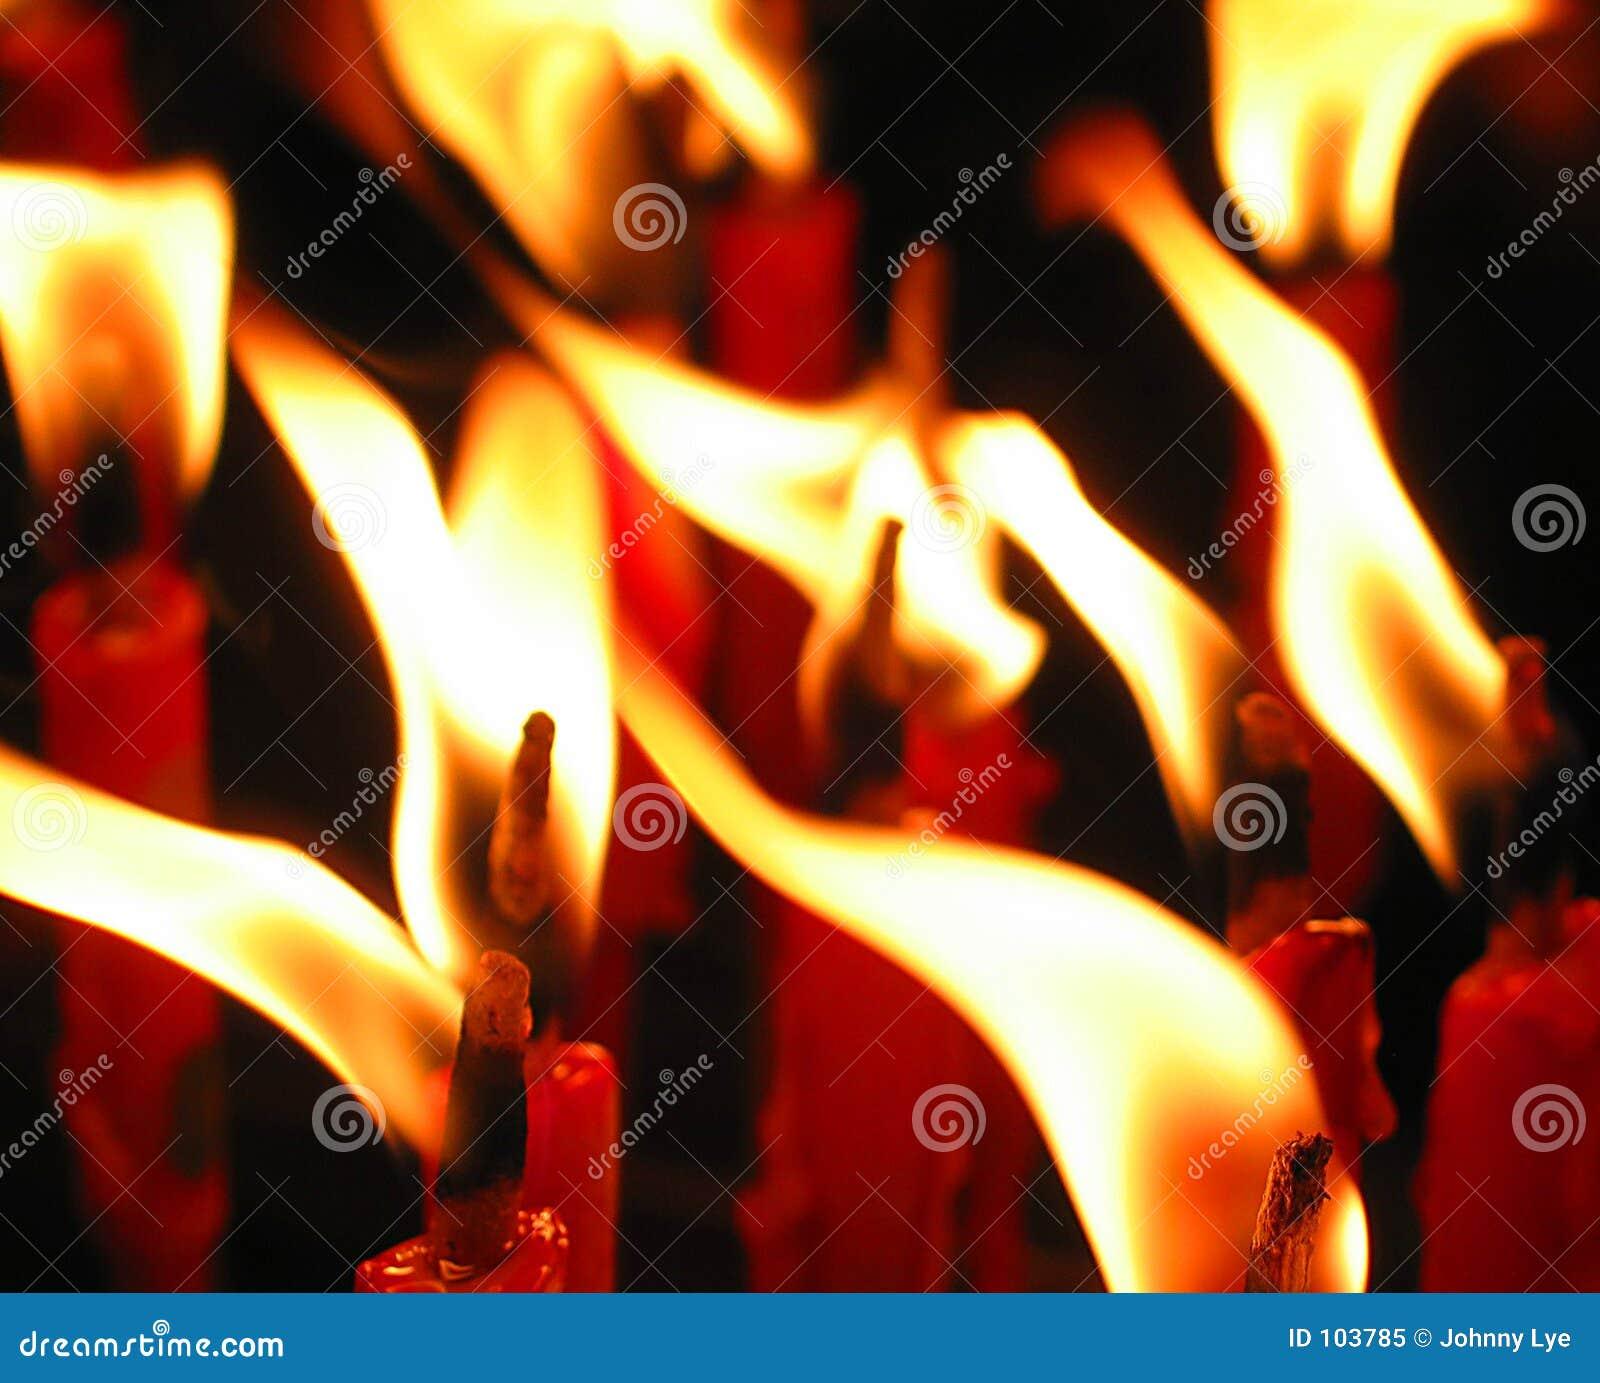 Kerze-Flamme